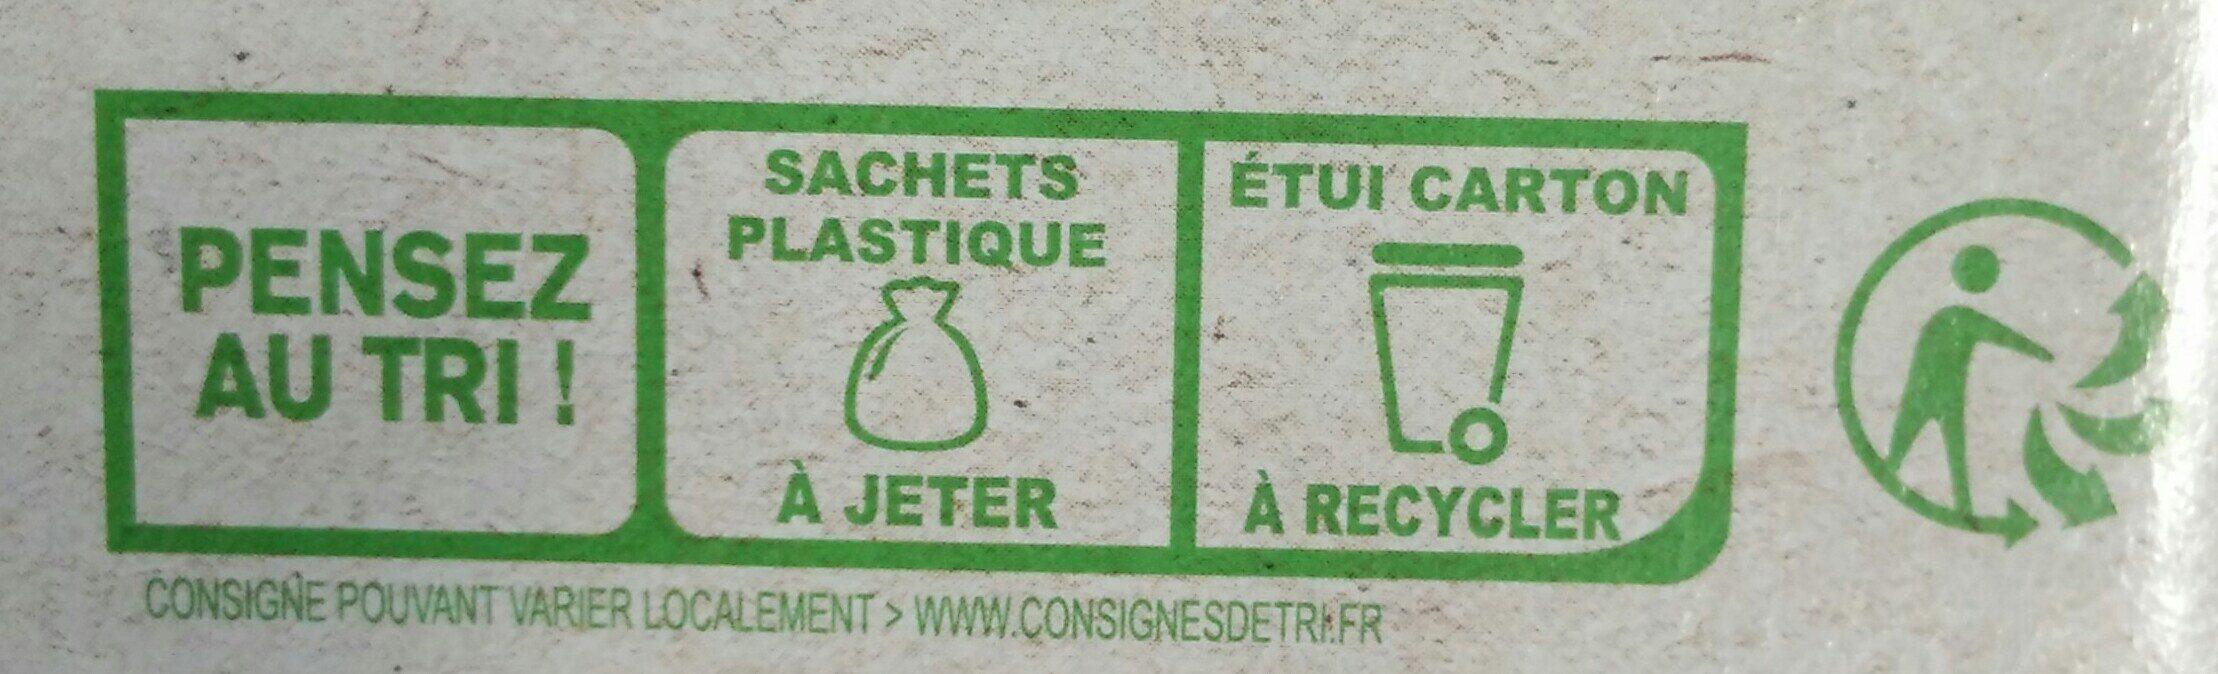 Galettes bretonnes pur beurre bio - Instruction de recyclage et/ou informations d'emballage - fr